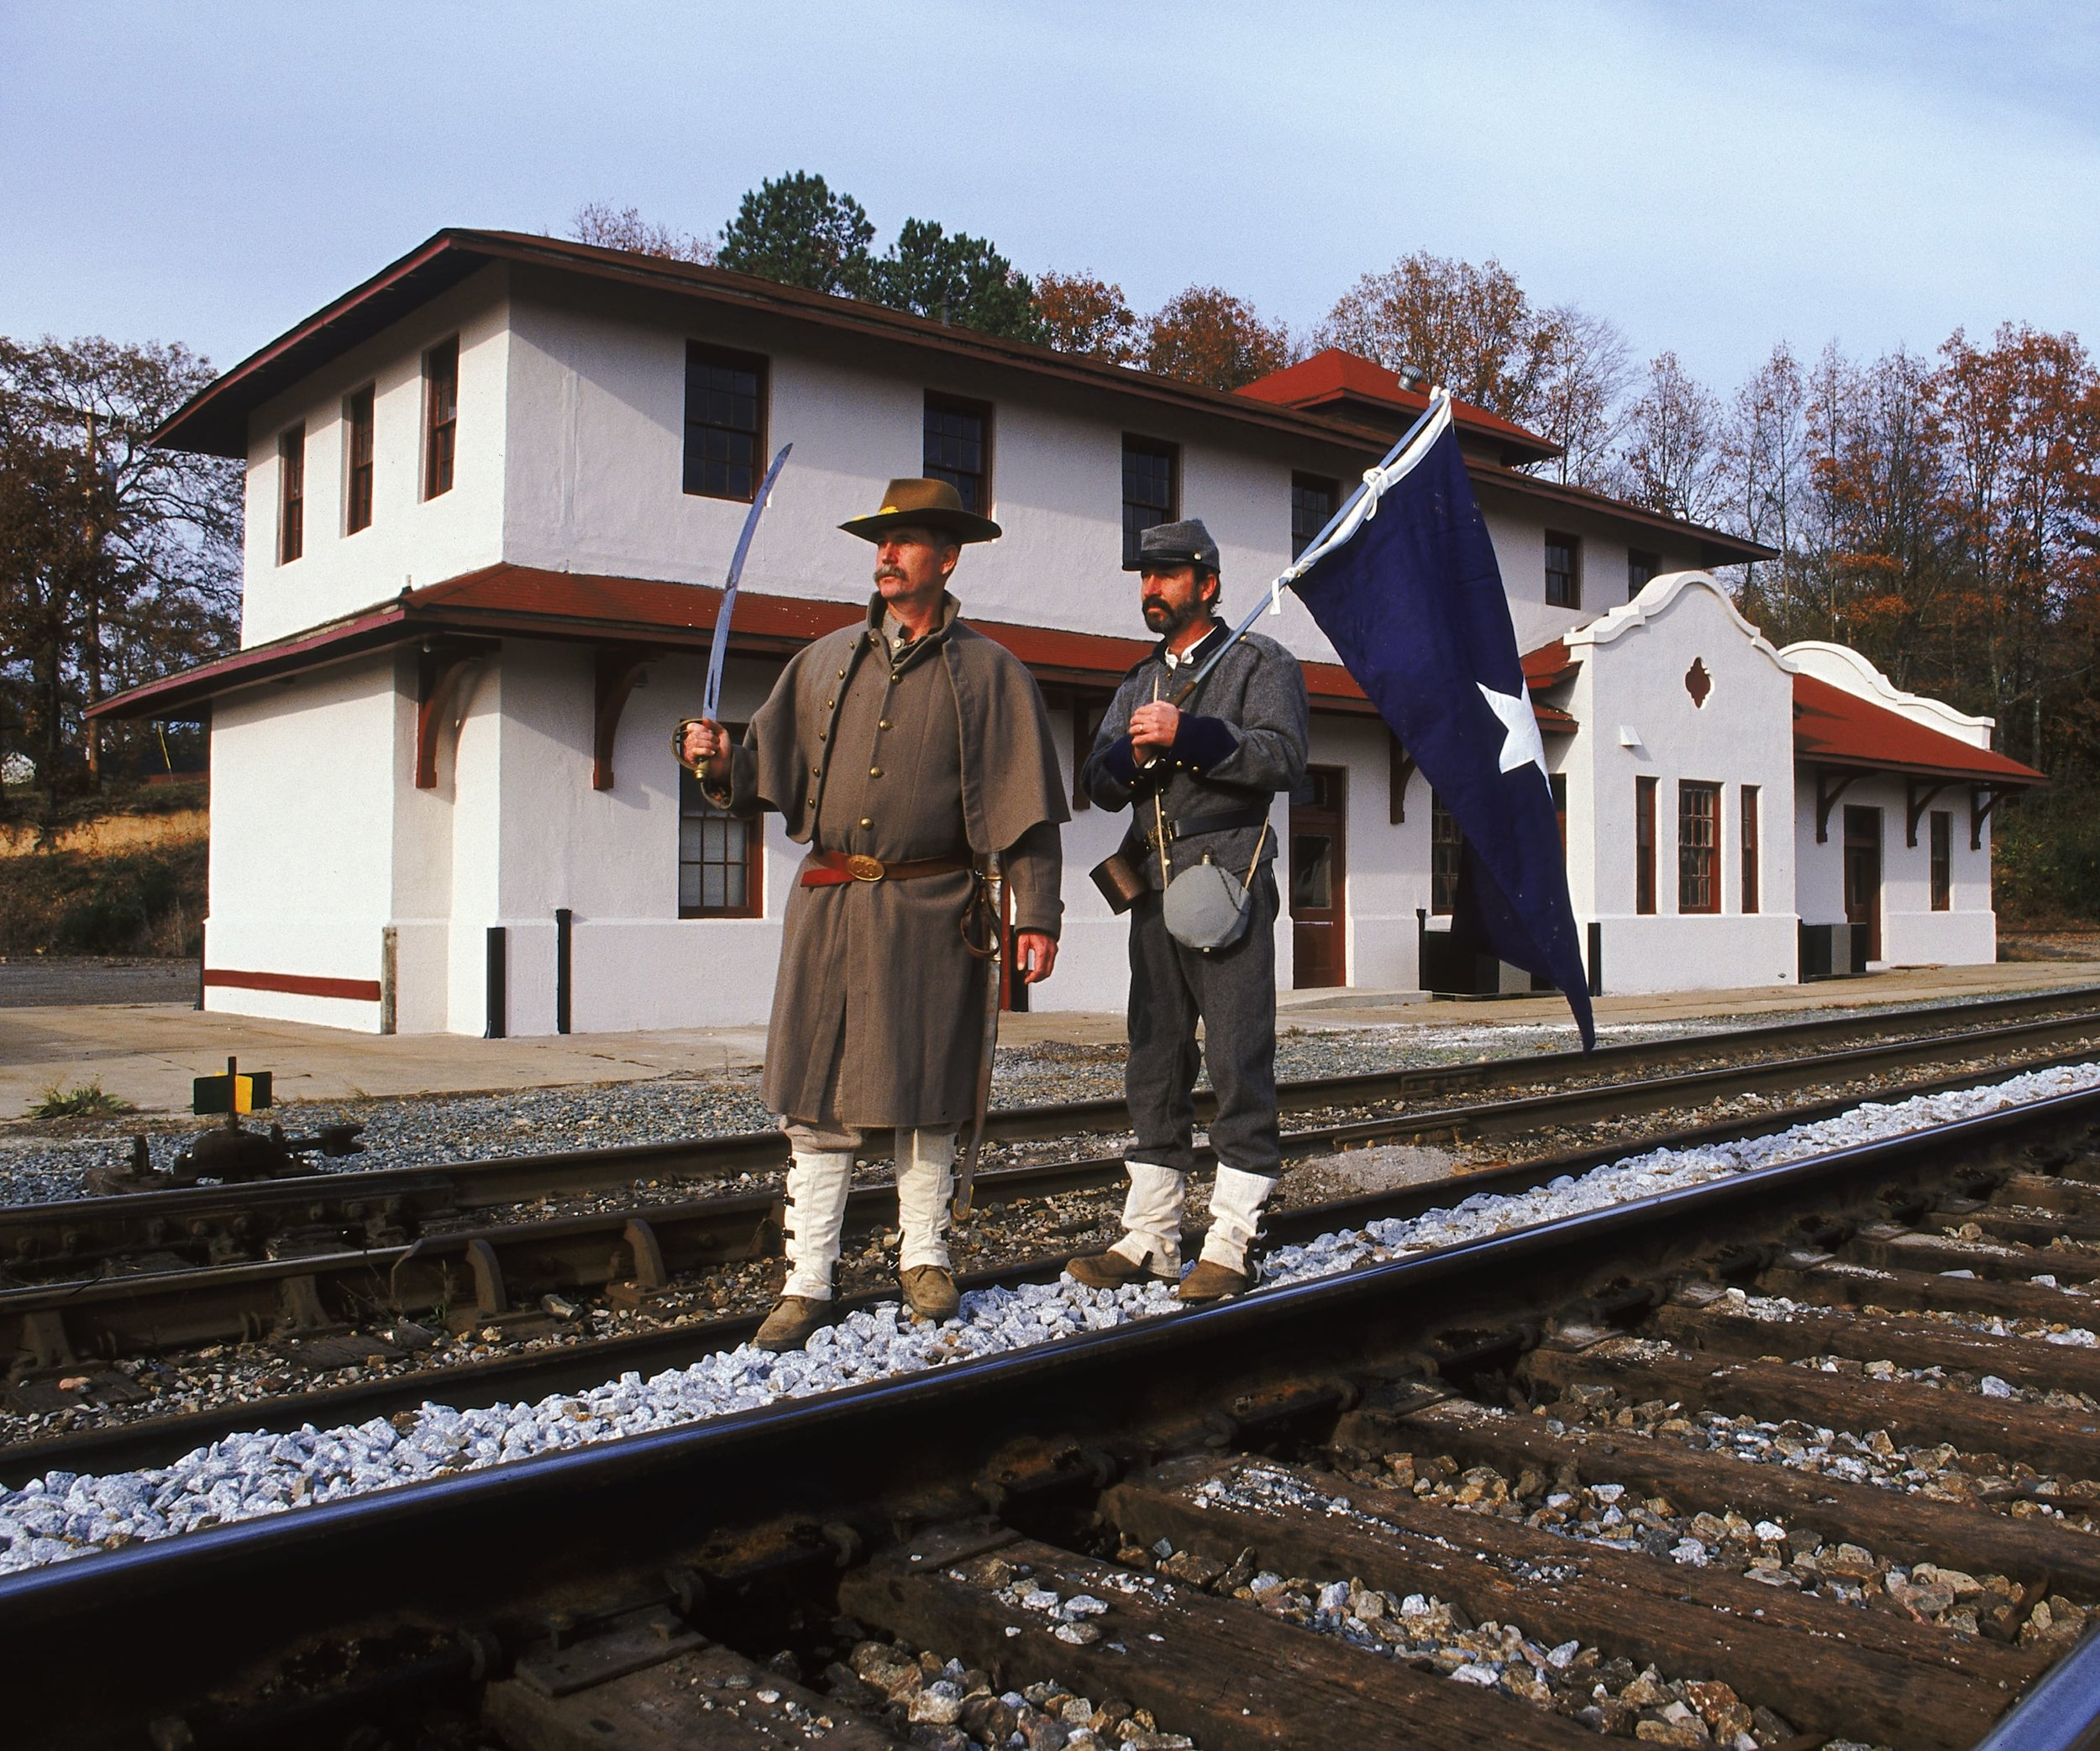 Civil War Reenactment in Alabama